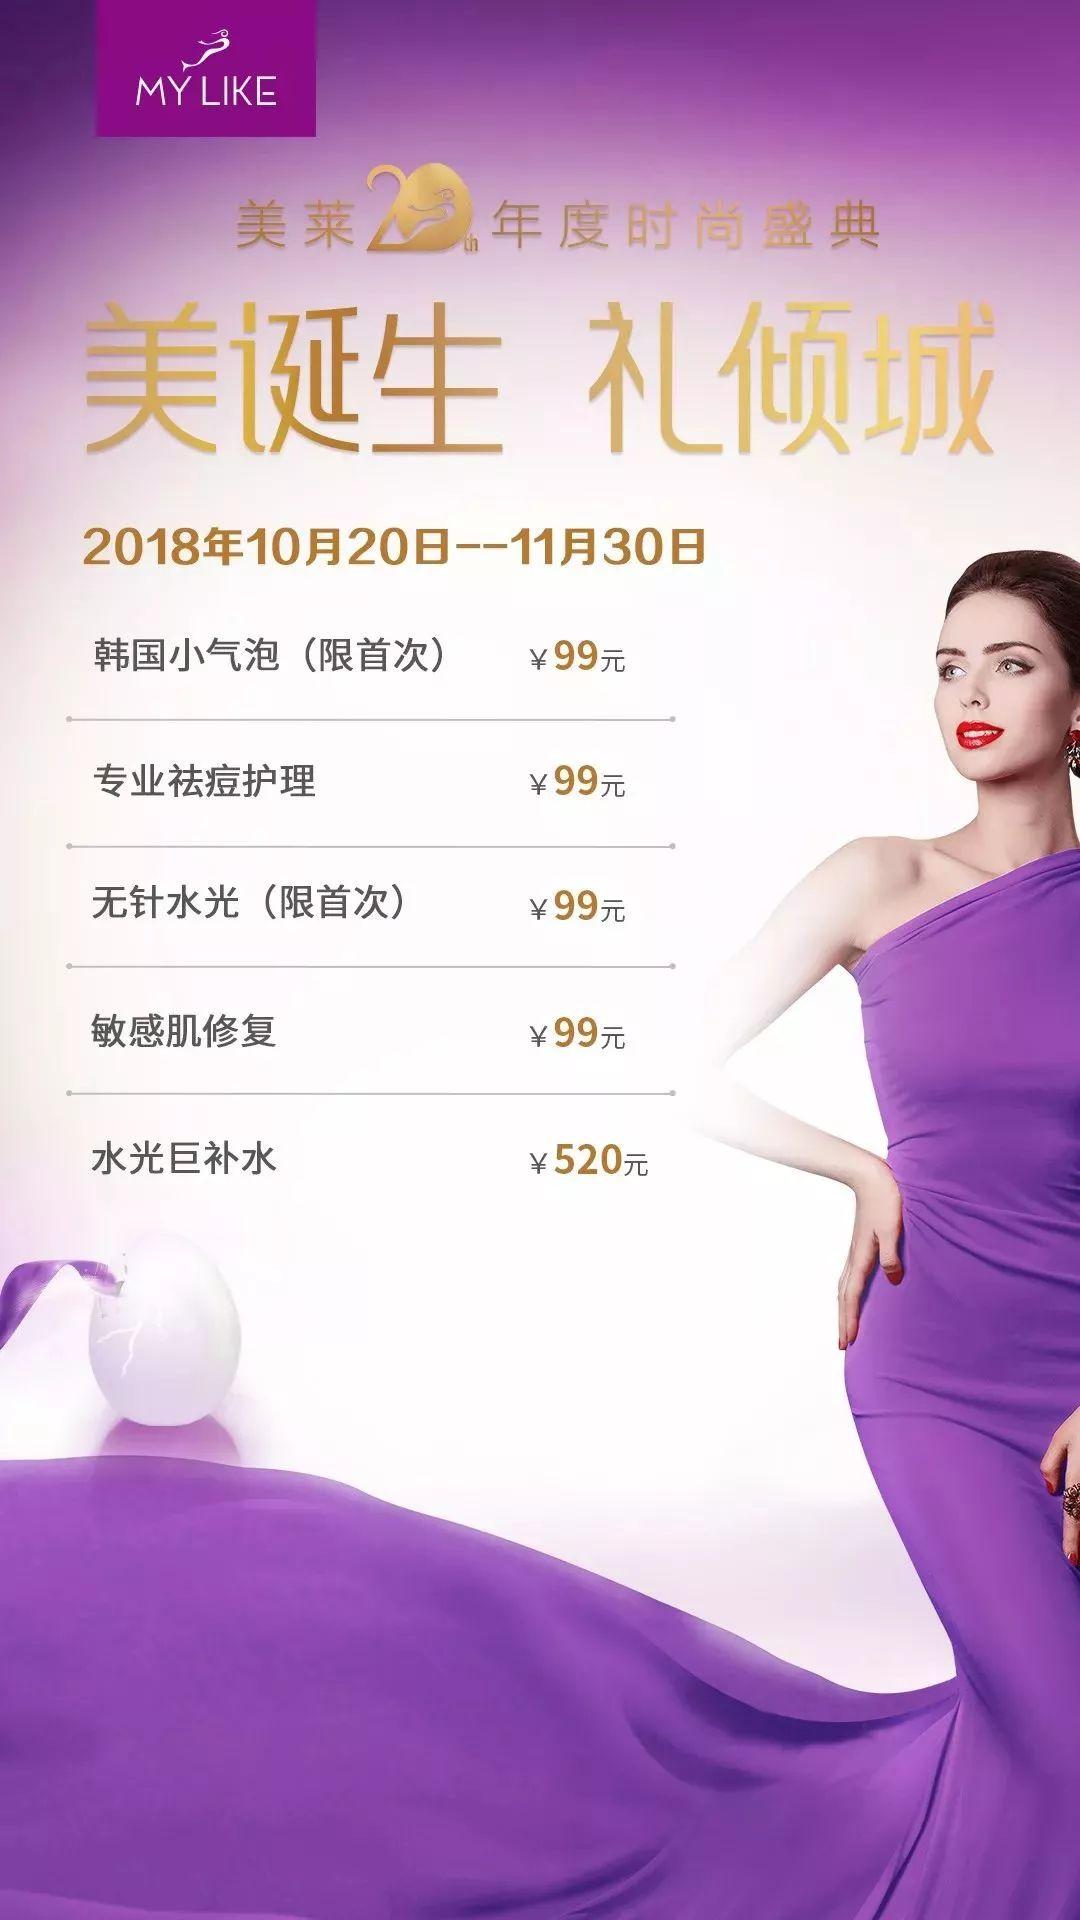 上海美莱周年庆皮肤美容大礼包